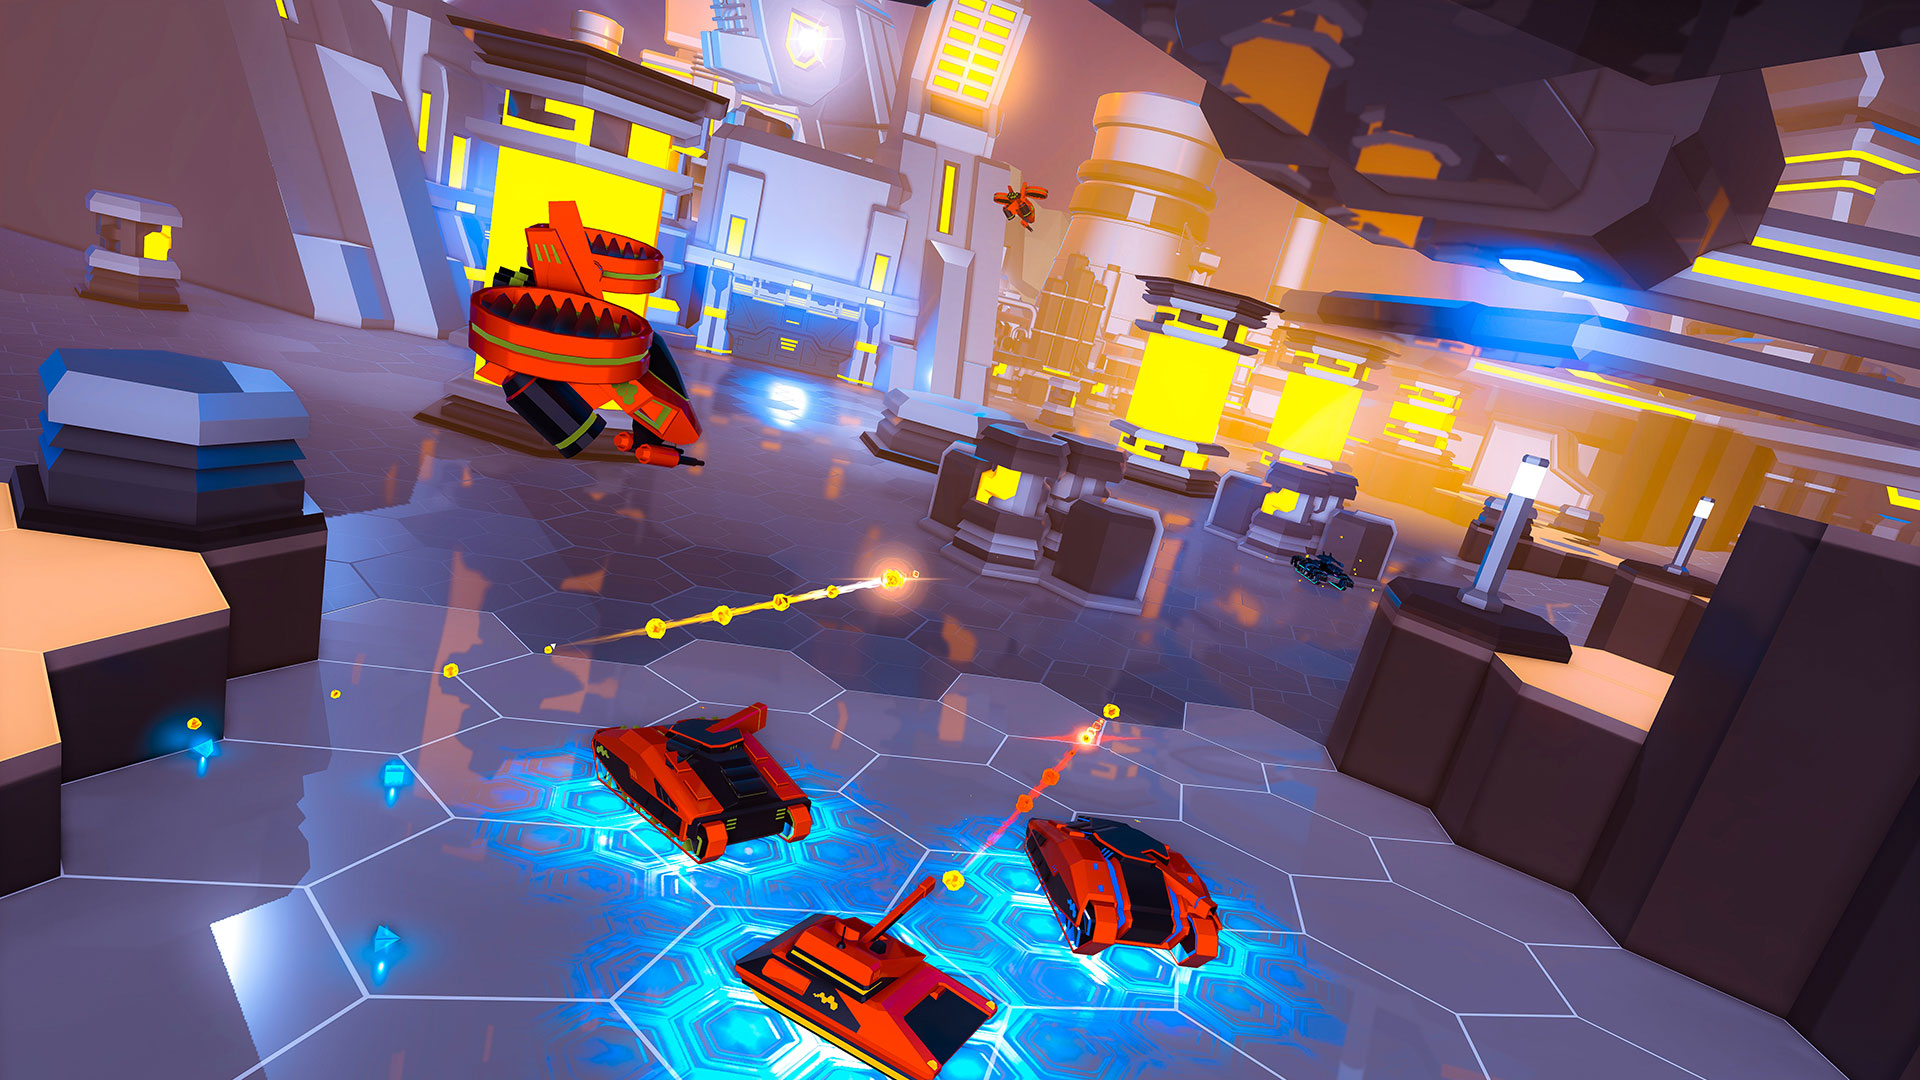 """Ein Urvater des 3D-Action-Spiels feiert dank VR seine triumphale Rückkehr: Rebellions """"Battlezone VR"""" ist rsant und unglaublich immersiv. Unbedint vormerken! (13.10. für PS4, PS VR)"""